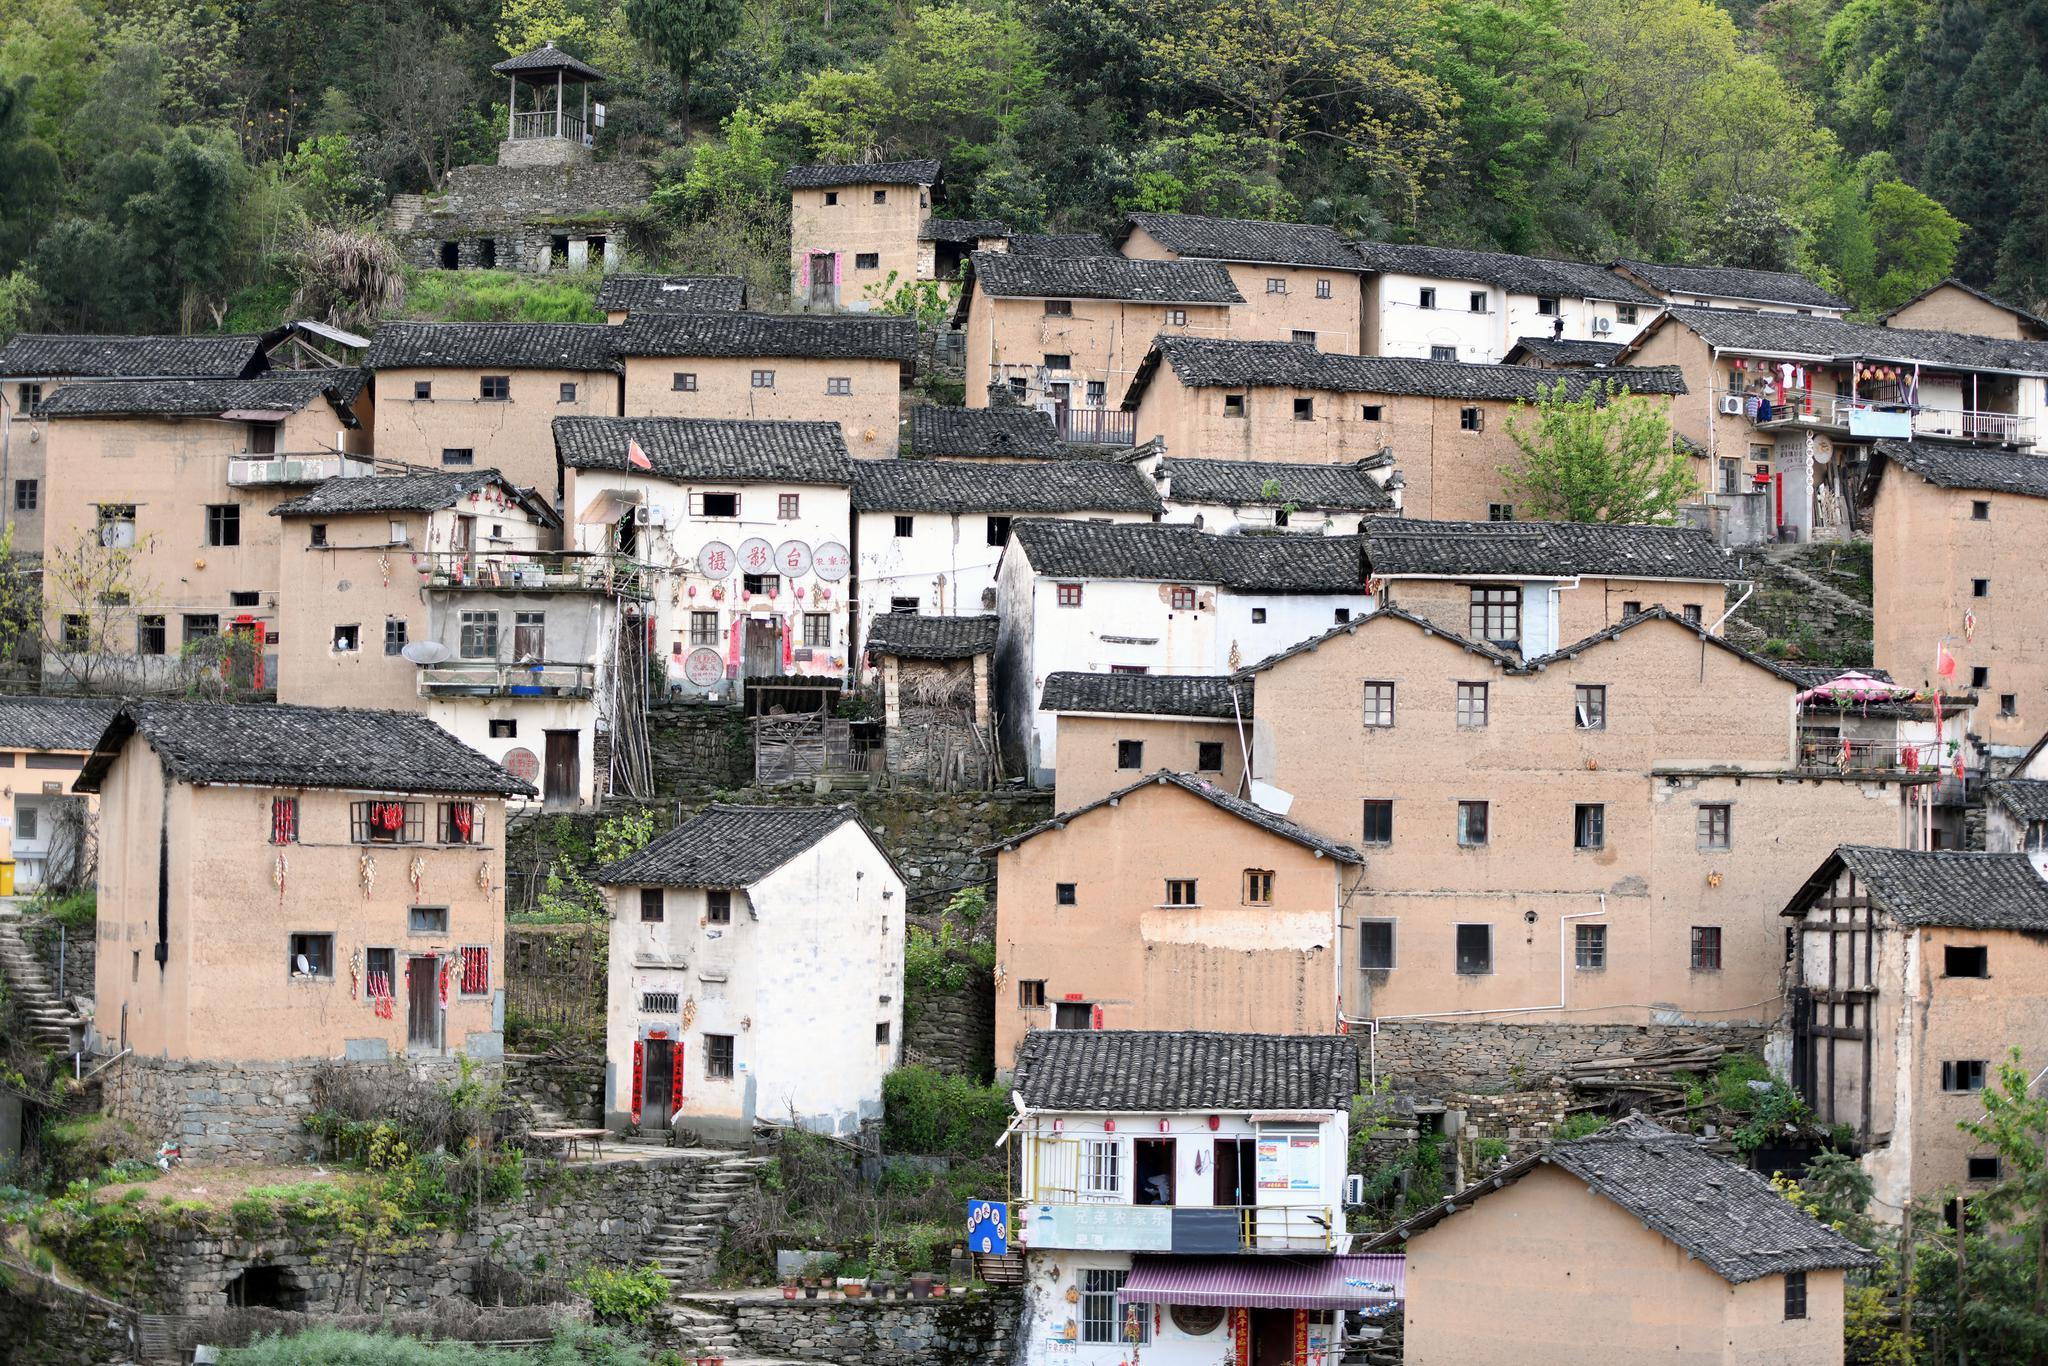 安徽歙县:周末游阳产土楼,体验山村生活,寻找乡愁和过去的记忆